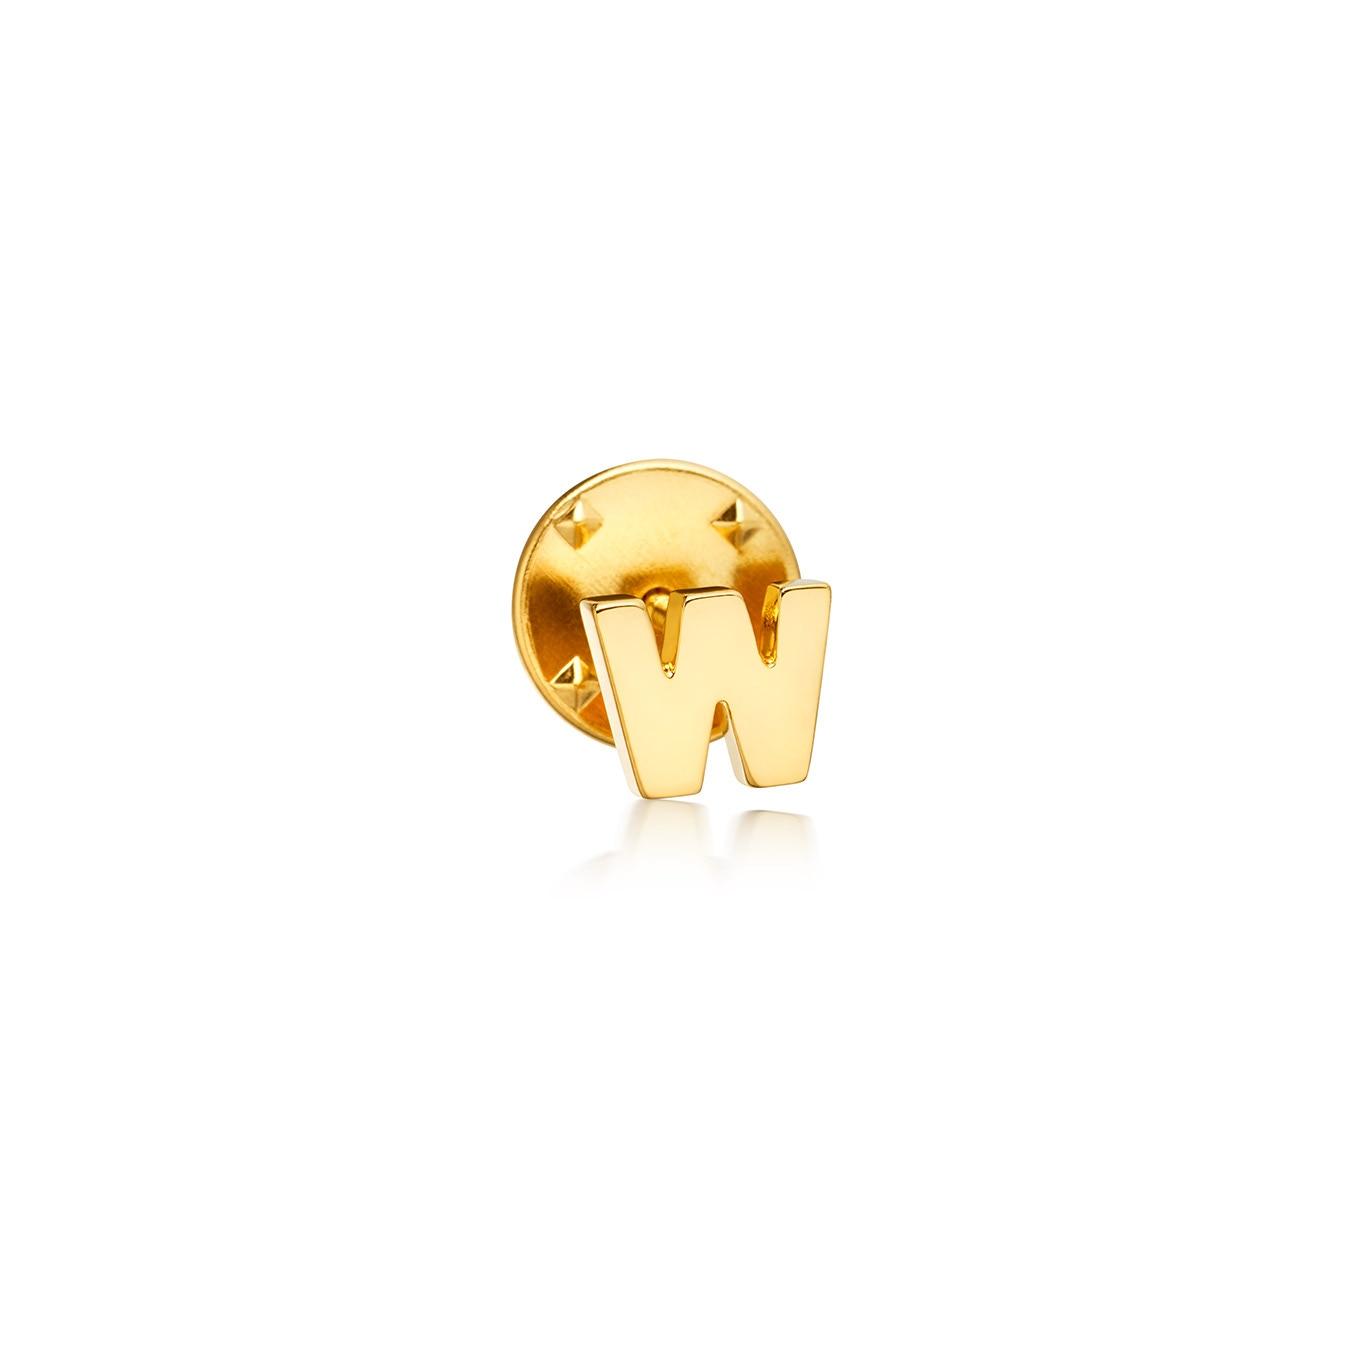 Initial 'W' Biography Pin